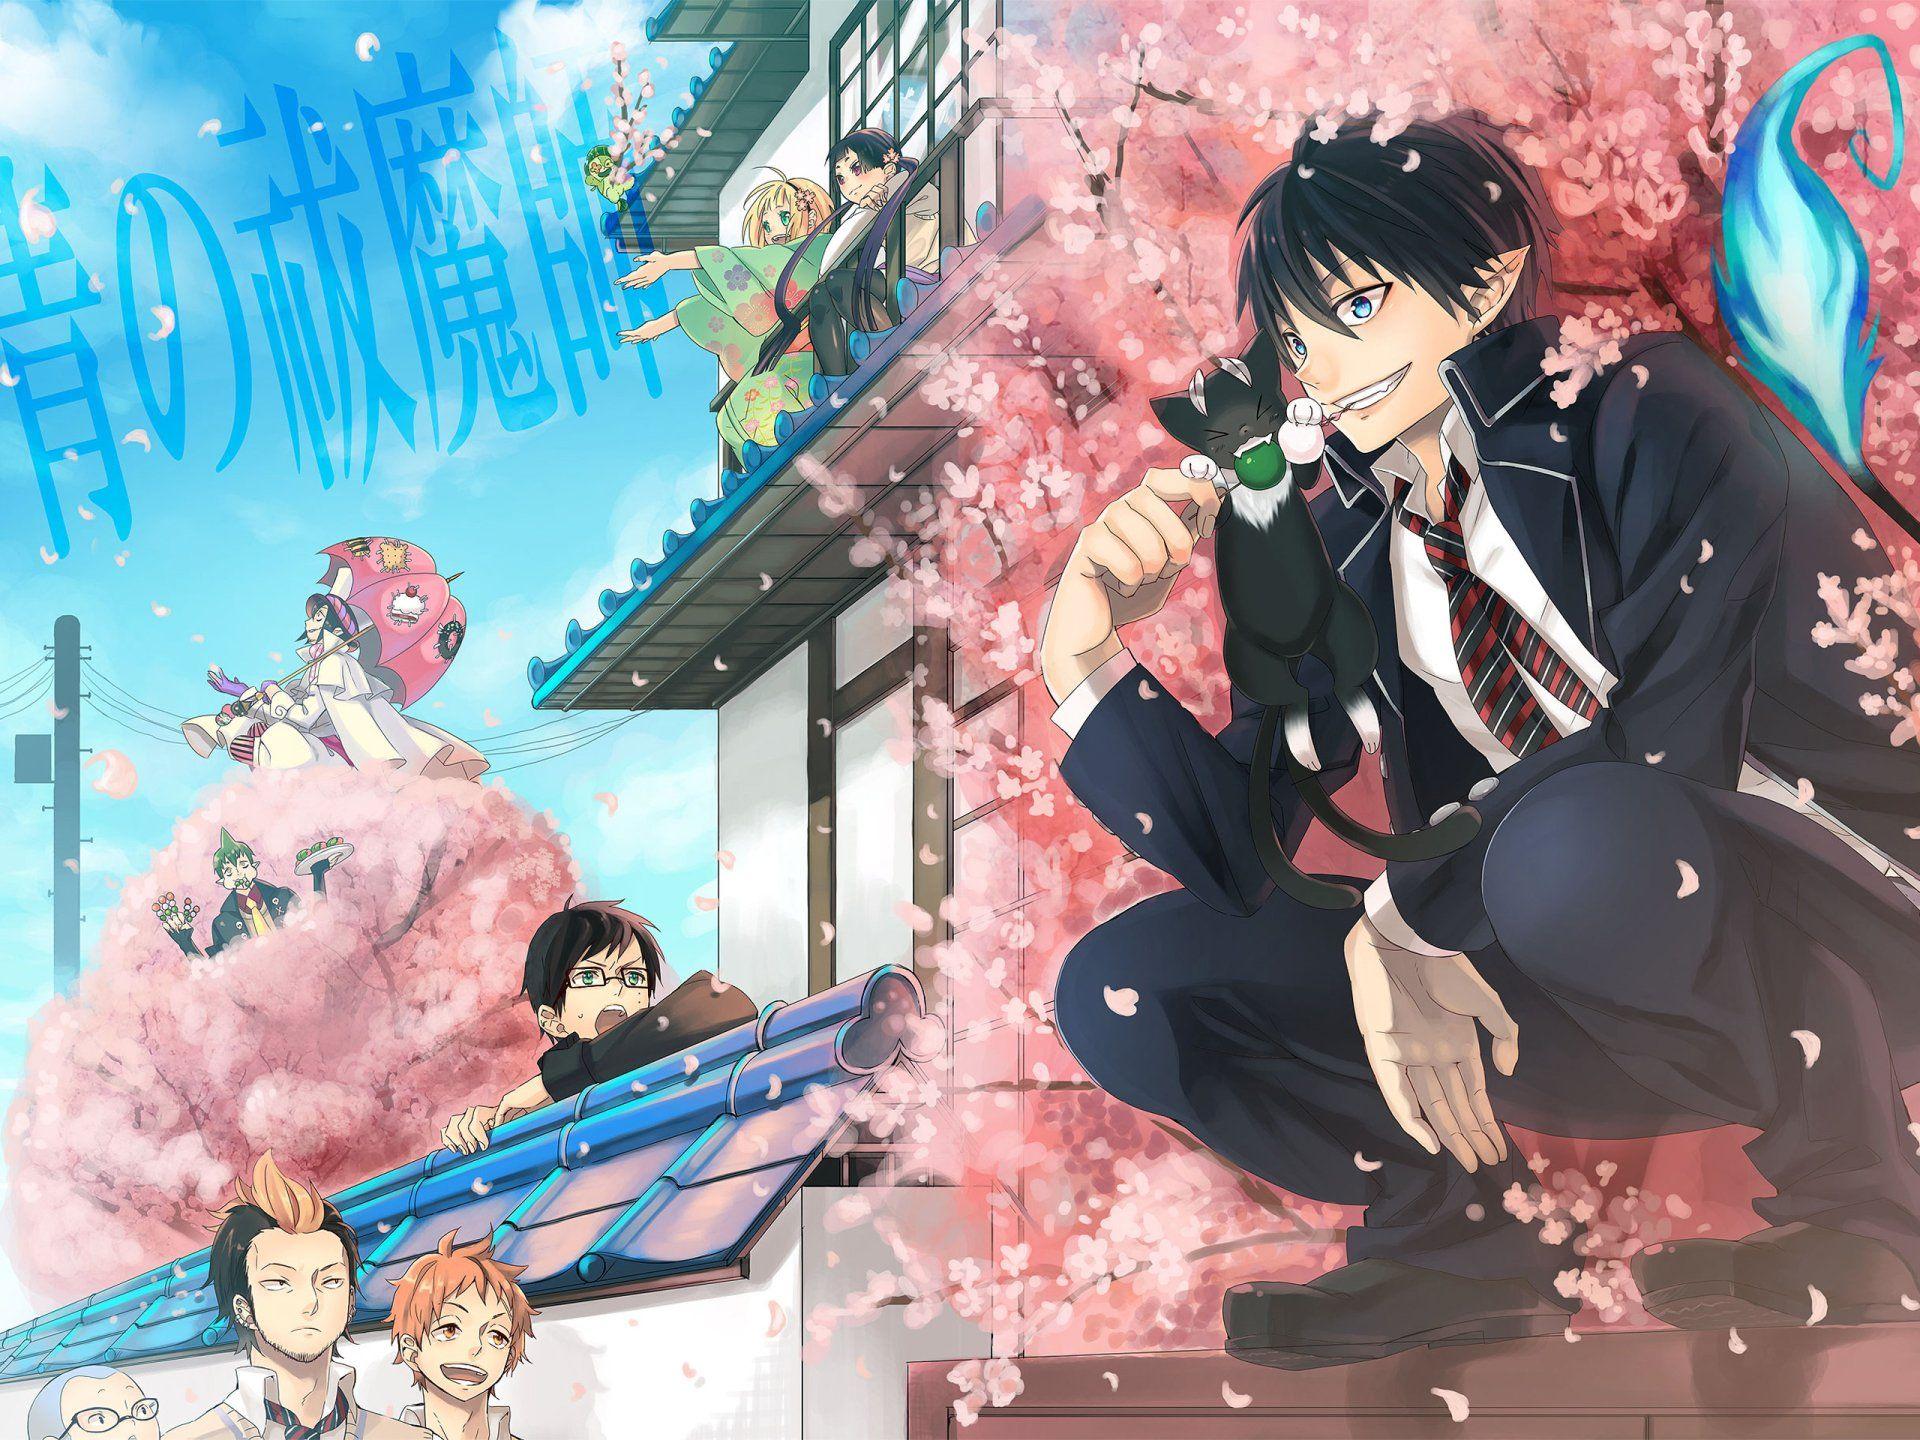 Anime Blue Exorcist Konekomaru Miwa Yukio Okumura Renzo Shima Ryuji Suguro Amaimon Ao No Exorcist Mephisto Pheles Rin Okum Blue Exorcist Ao No Exorcist Anime